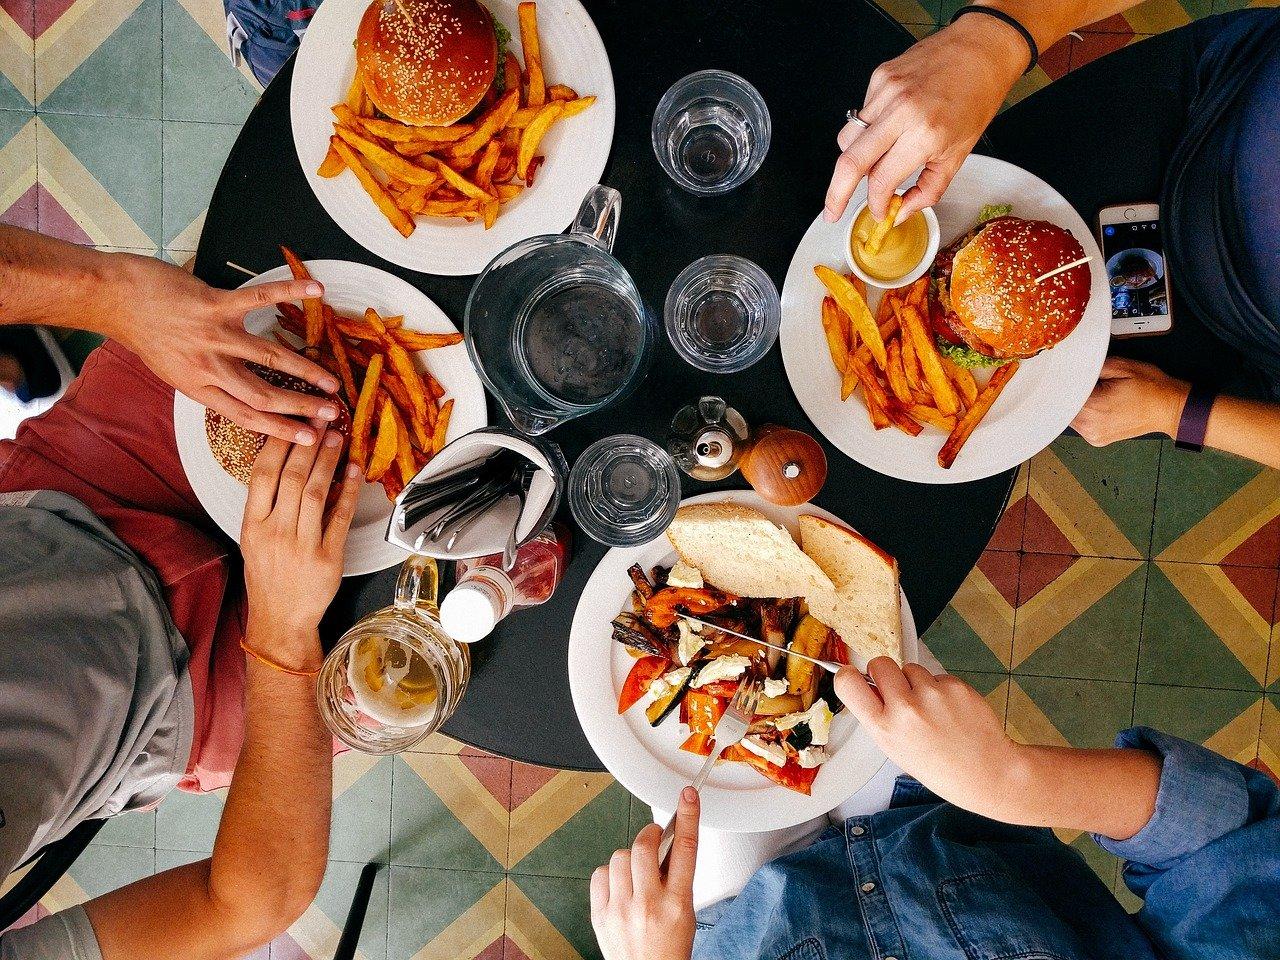 Mahlzeit! Wir machen Appetit auf unseren Stadtteil